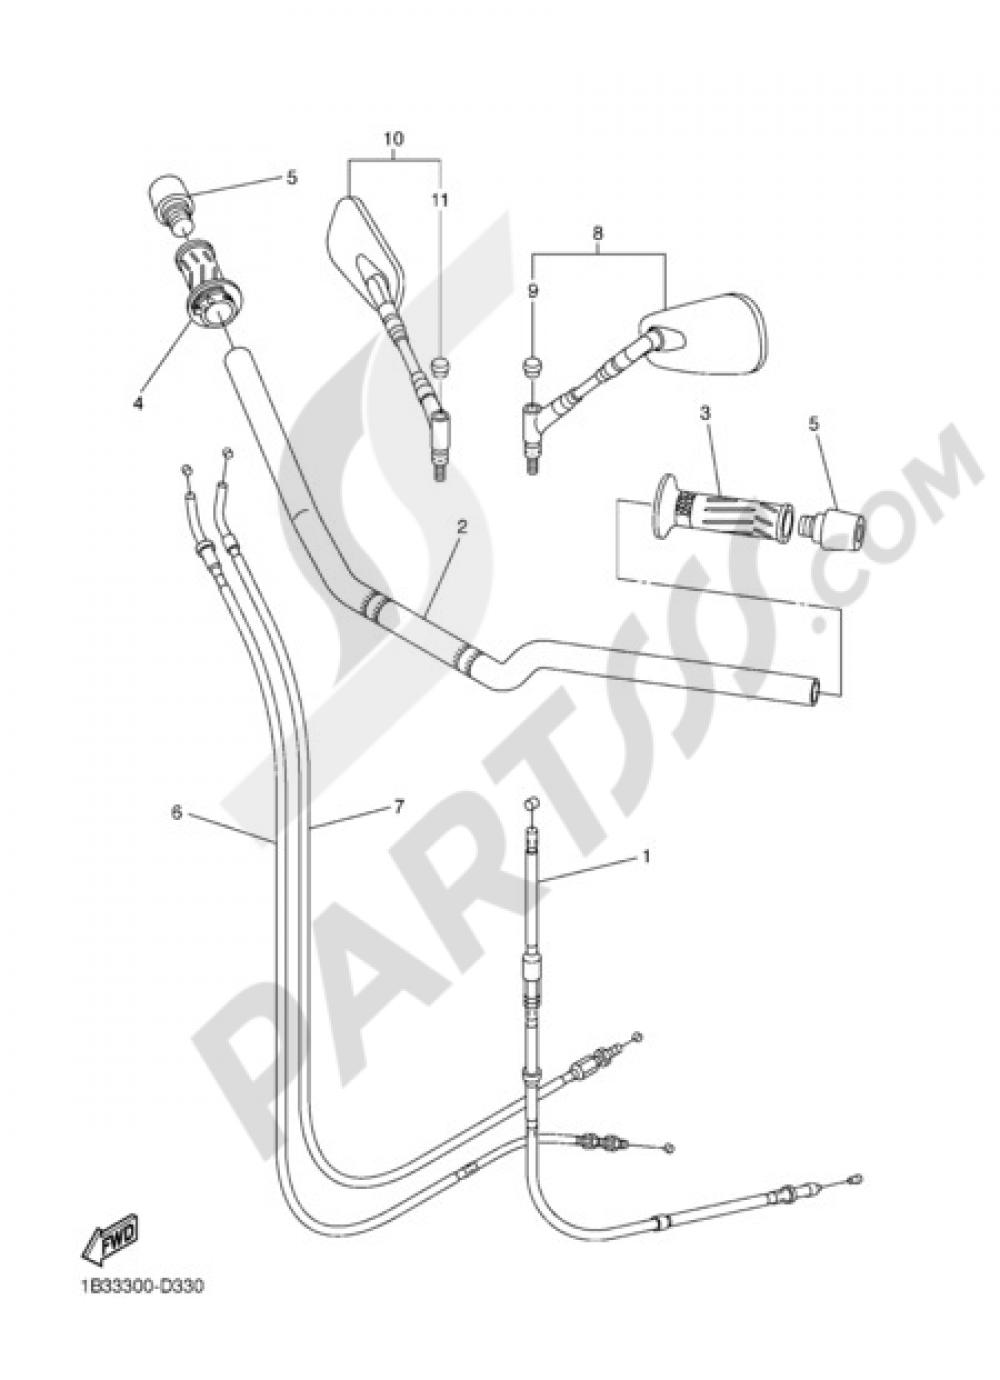 HANDELBAR AND CABLES Yamaha FZ6 S2 ABS 2009